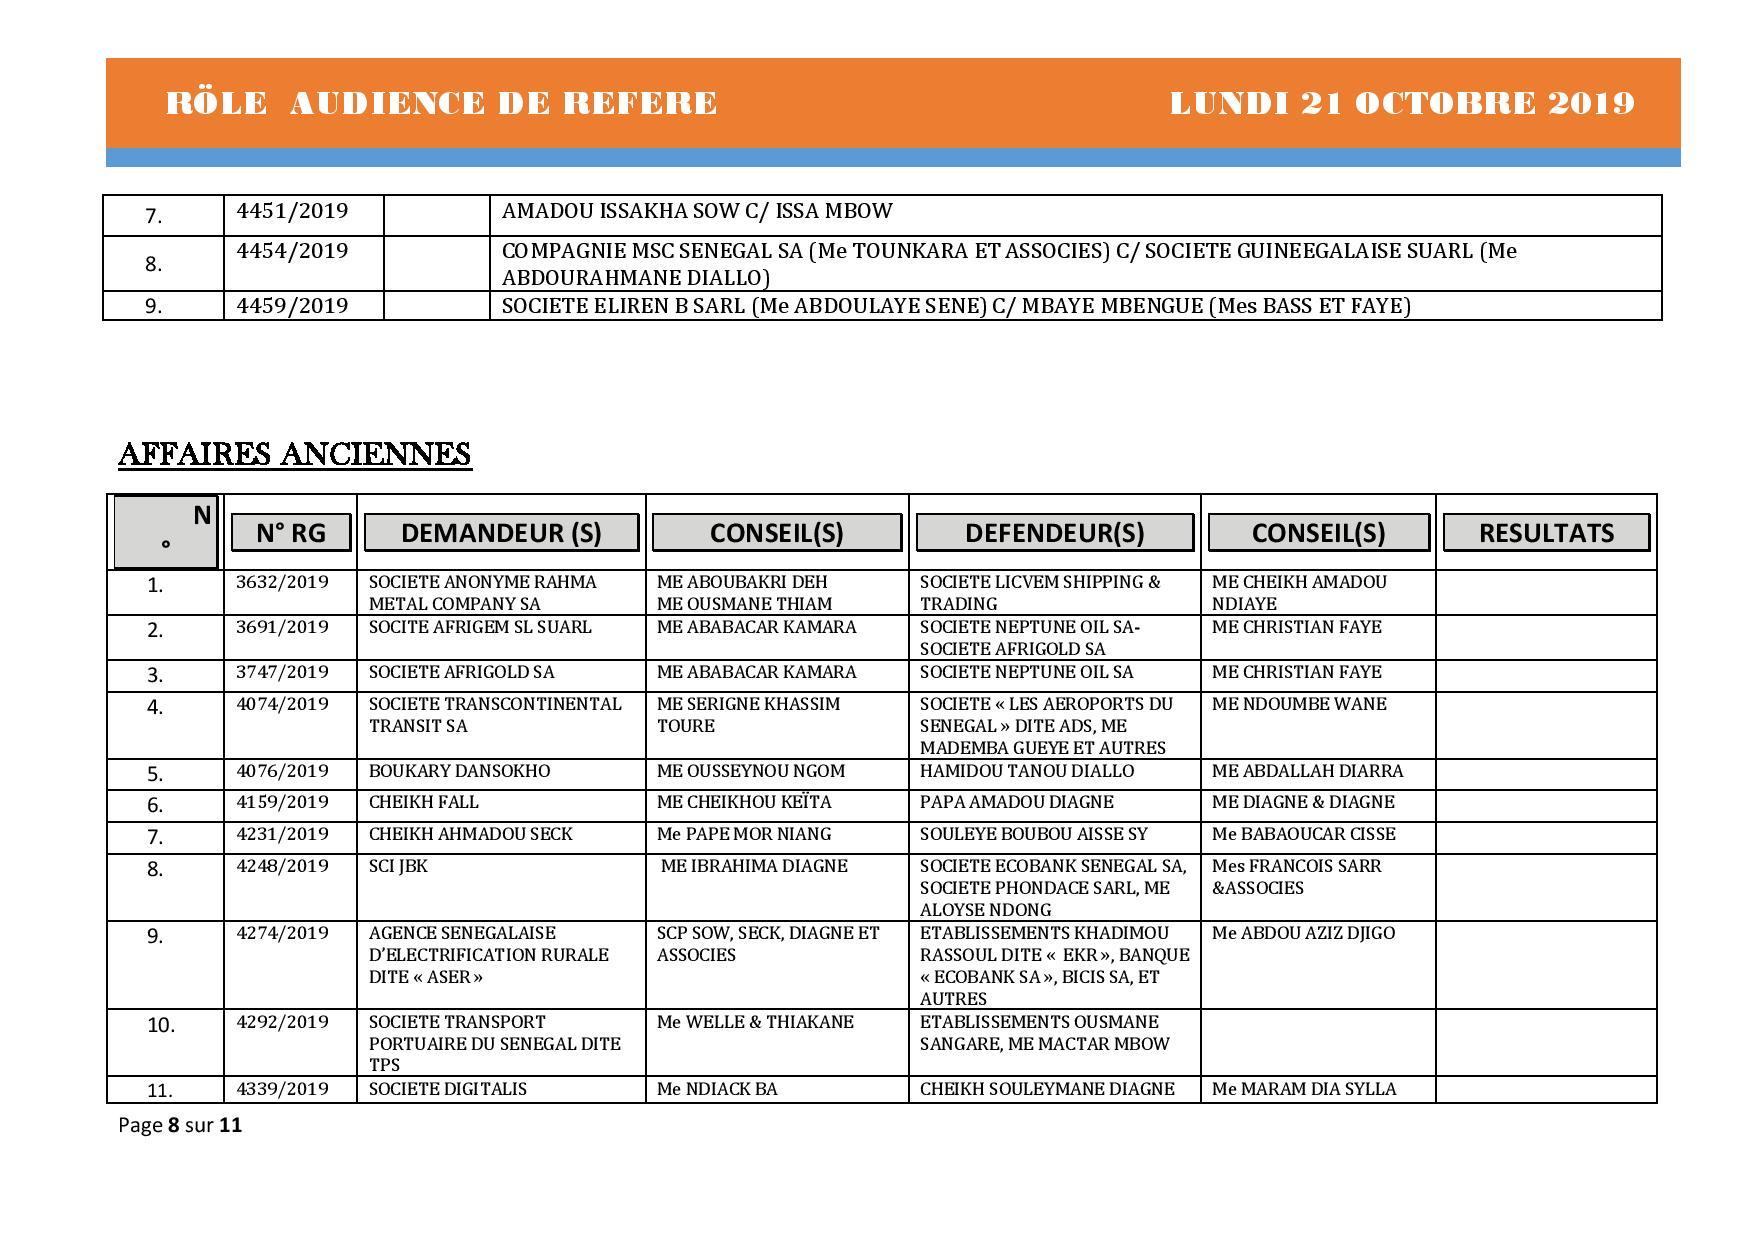 Tribunal du Commerce: Audiences des Référés du lundi 21 octobre